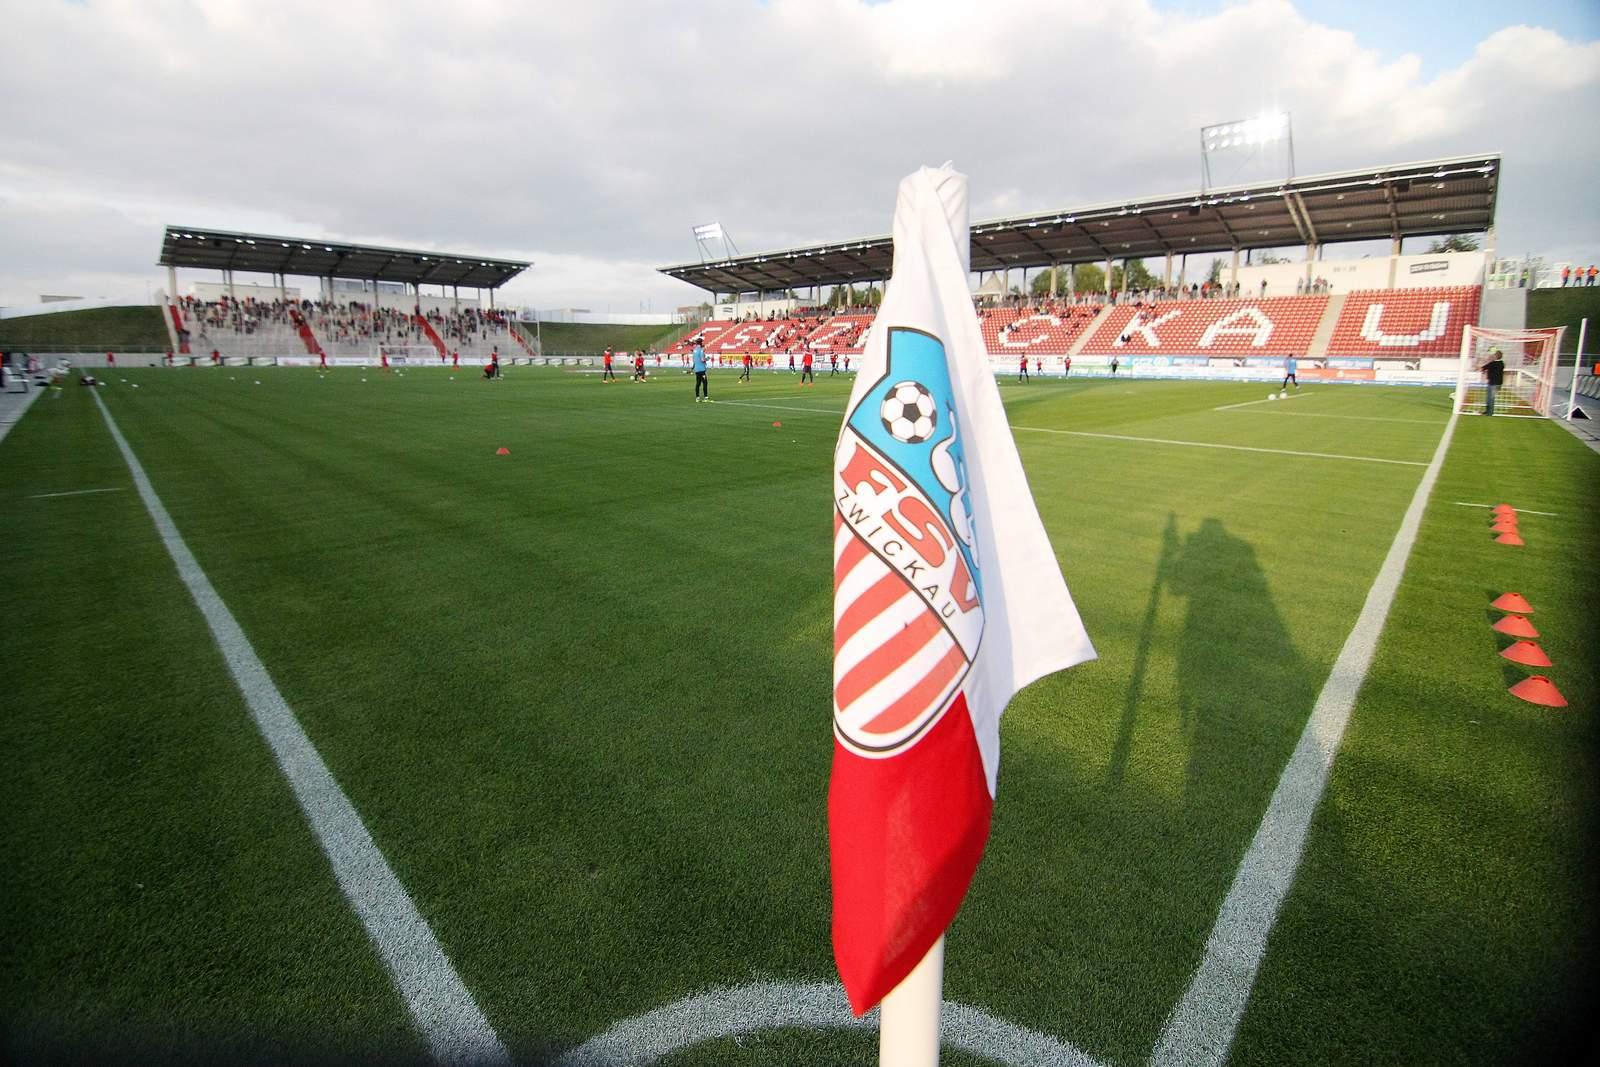 Stadion in Zwickau